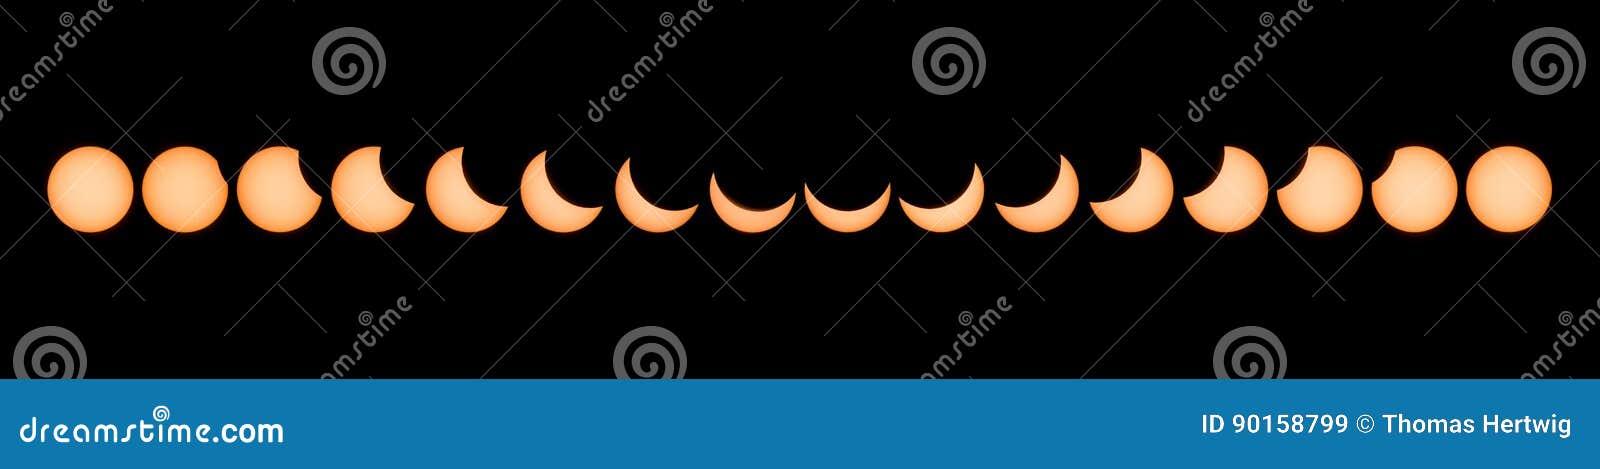 Fases de eclipse solar parcial